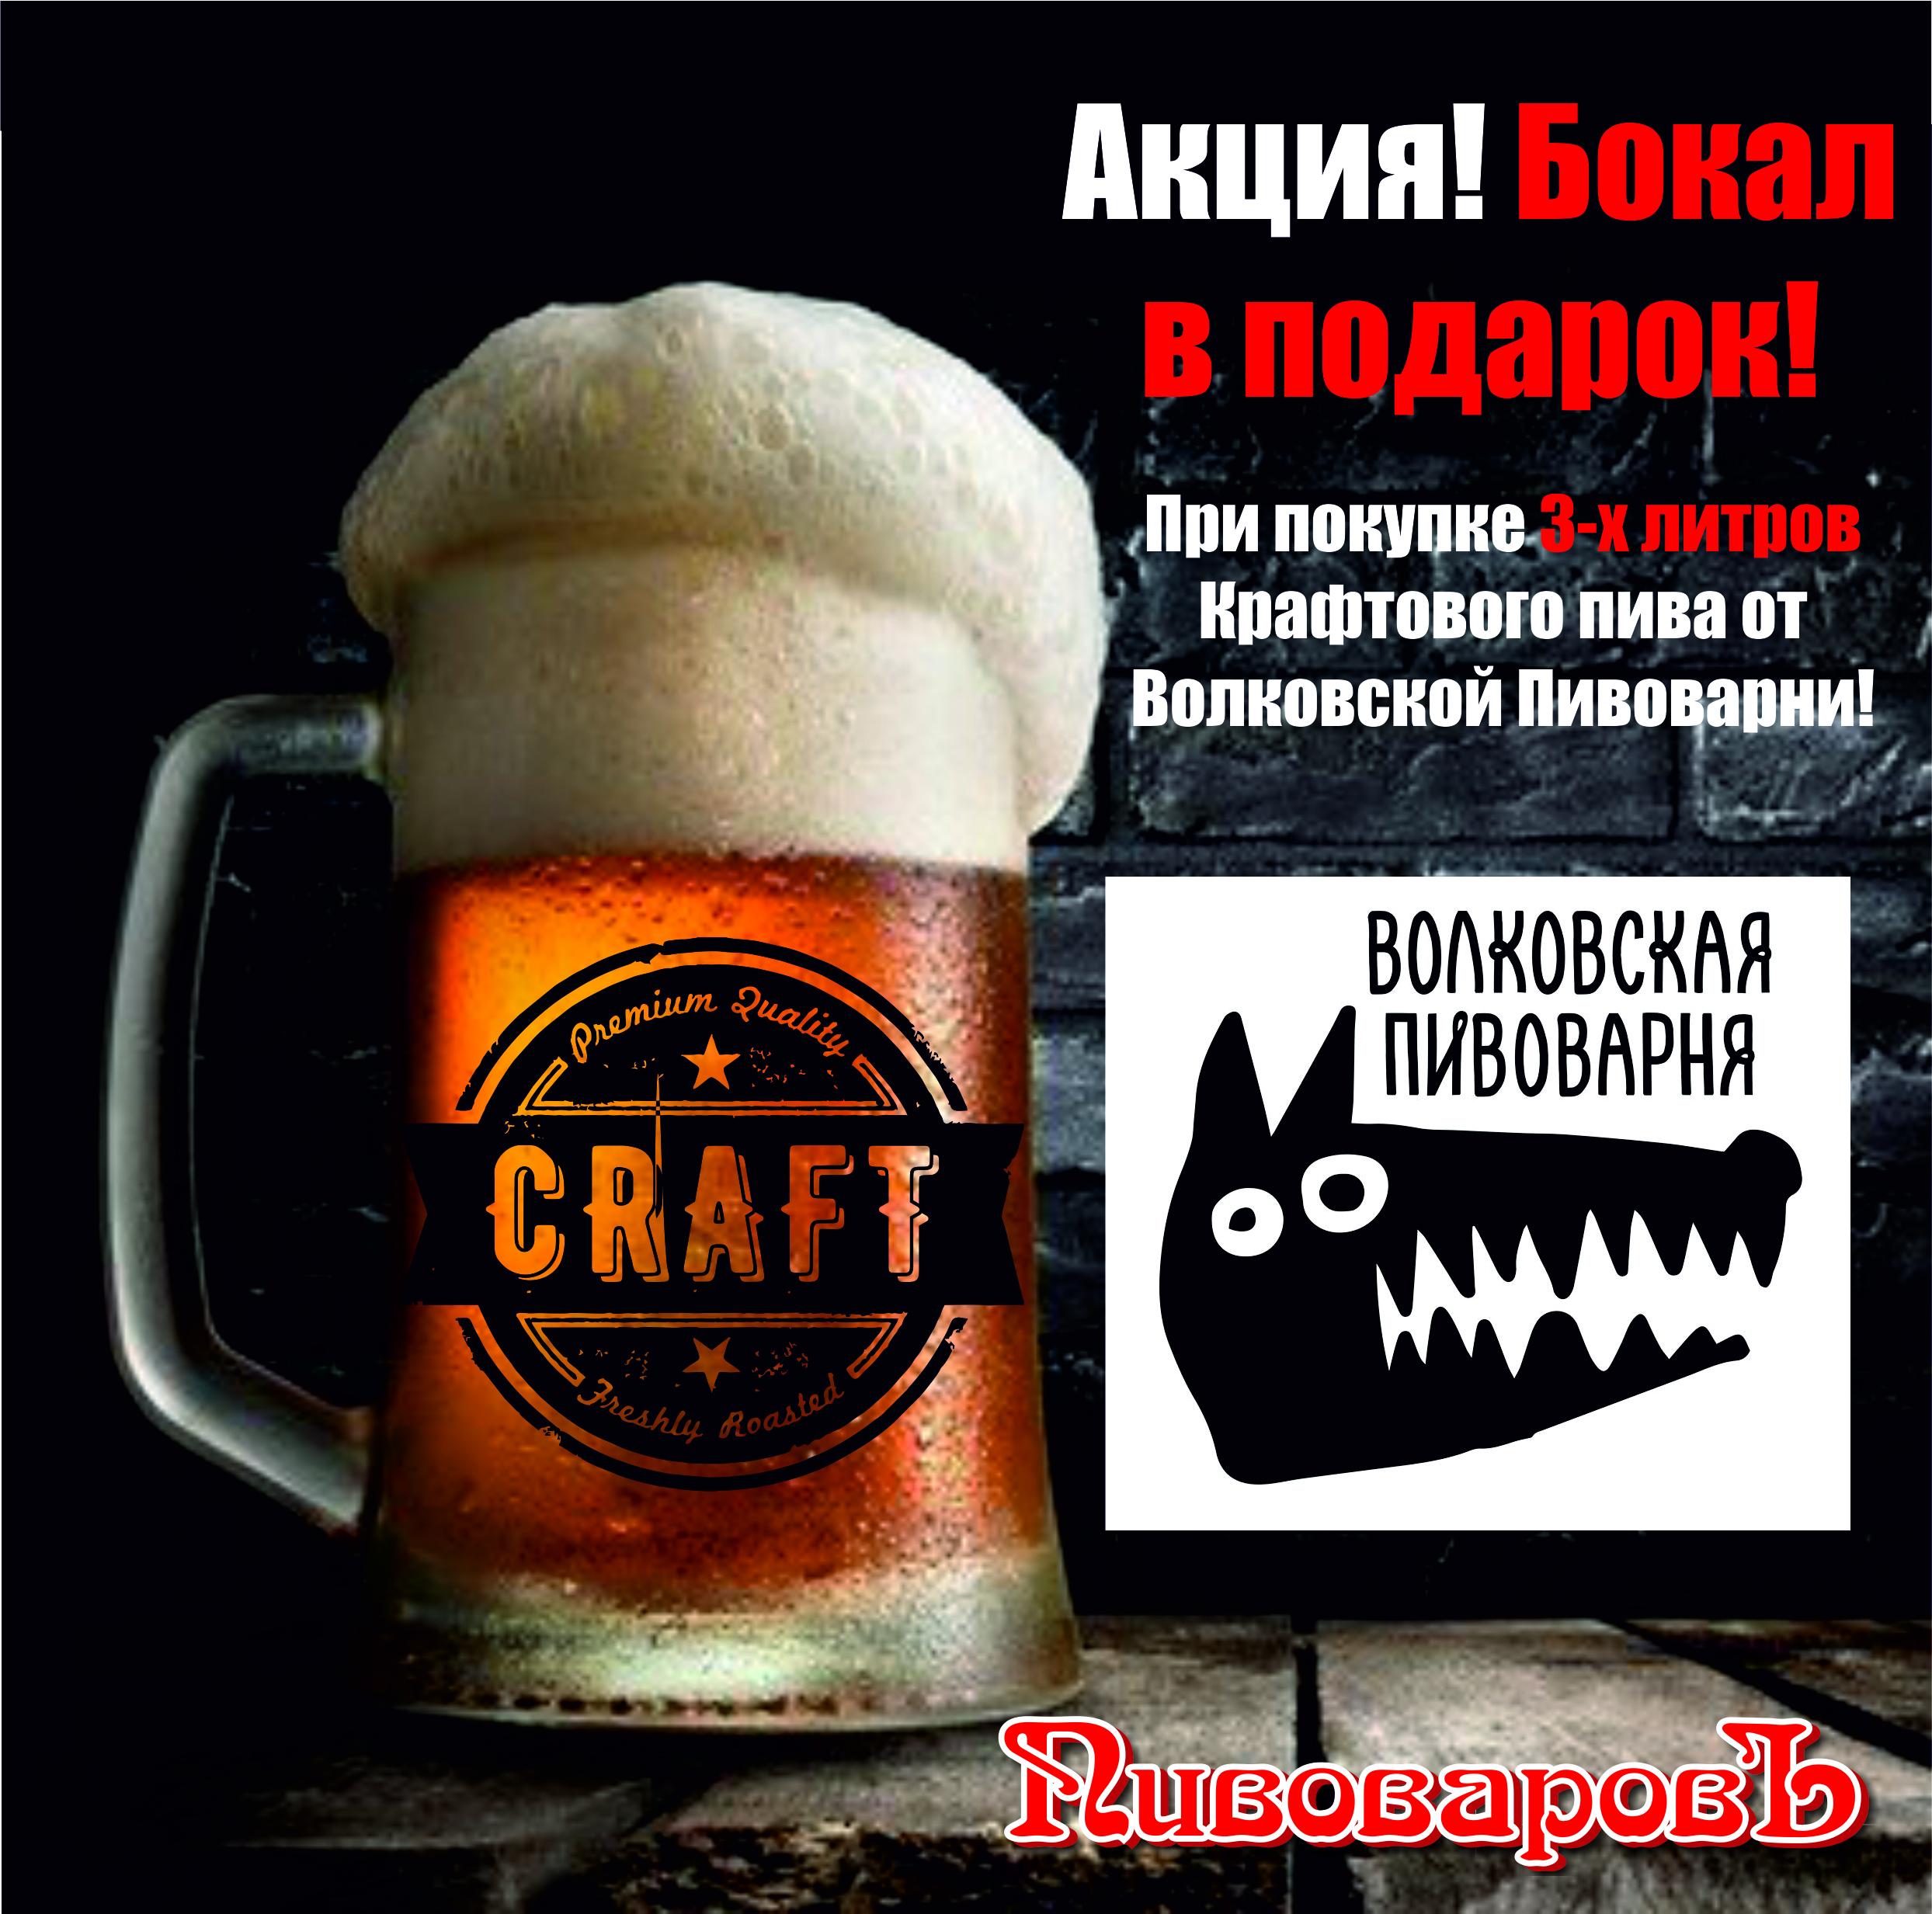 Публикация - волковская пивоварня 1